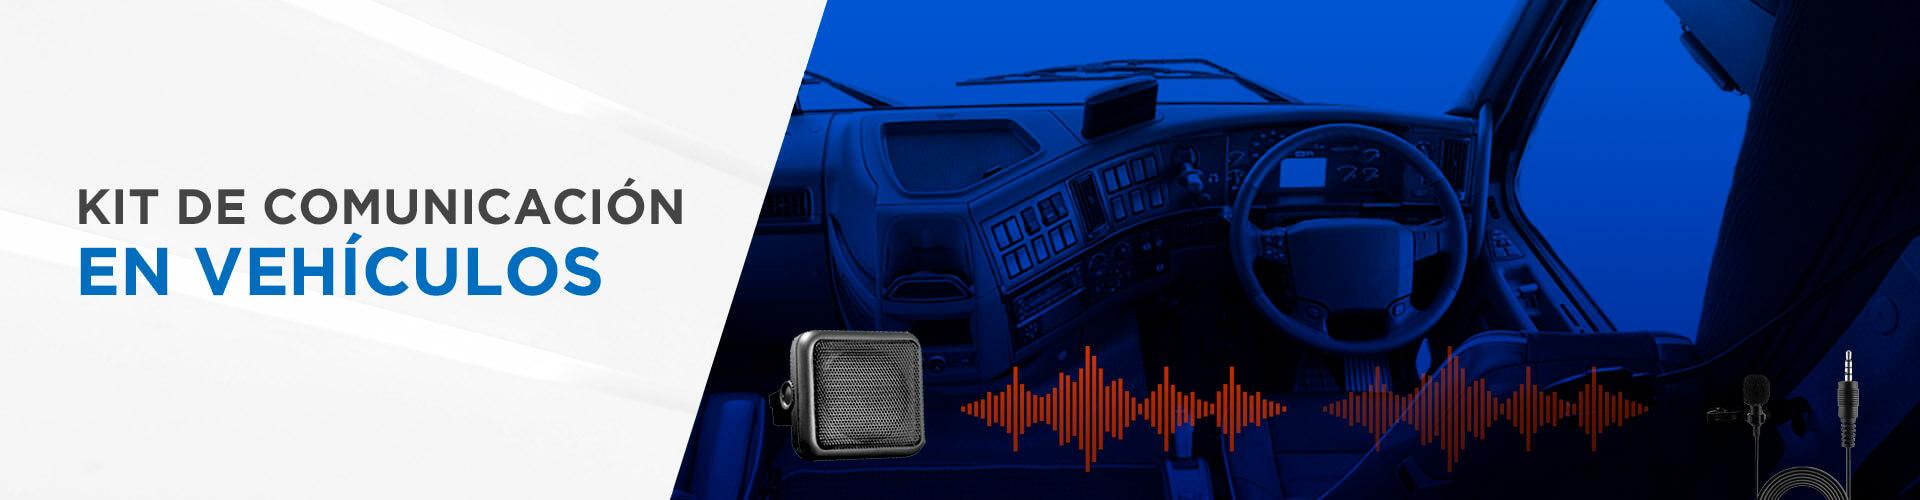 telematica-kit-comunicación-vehículos